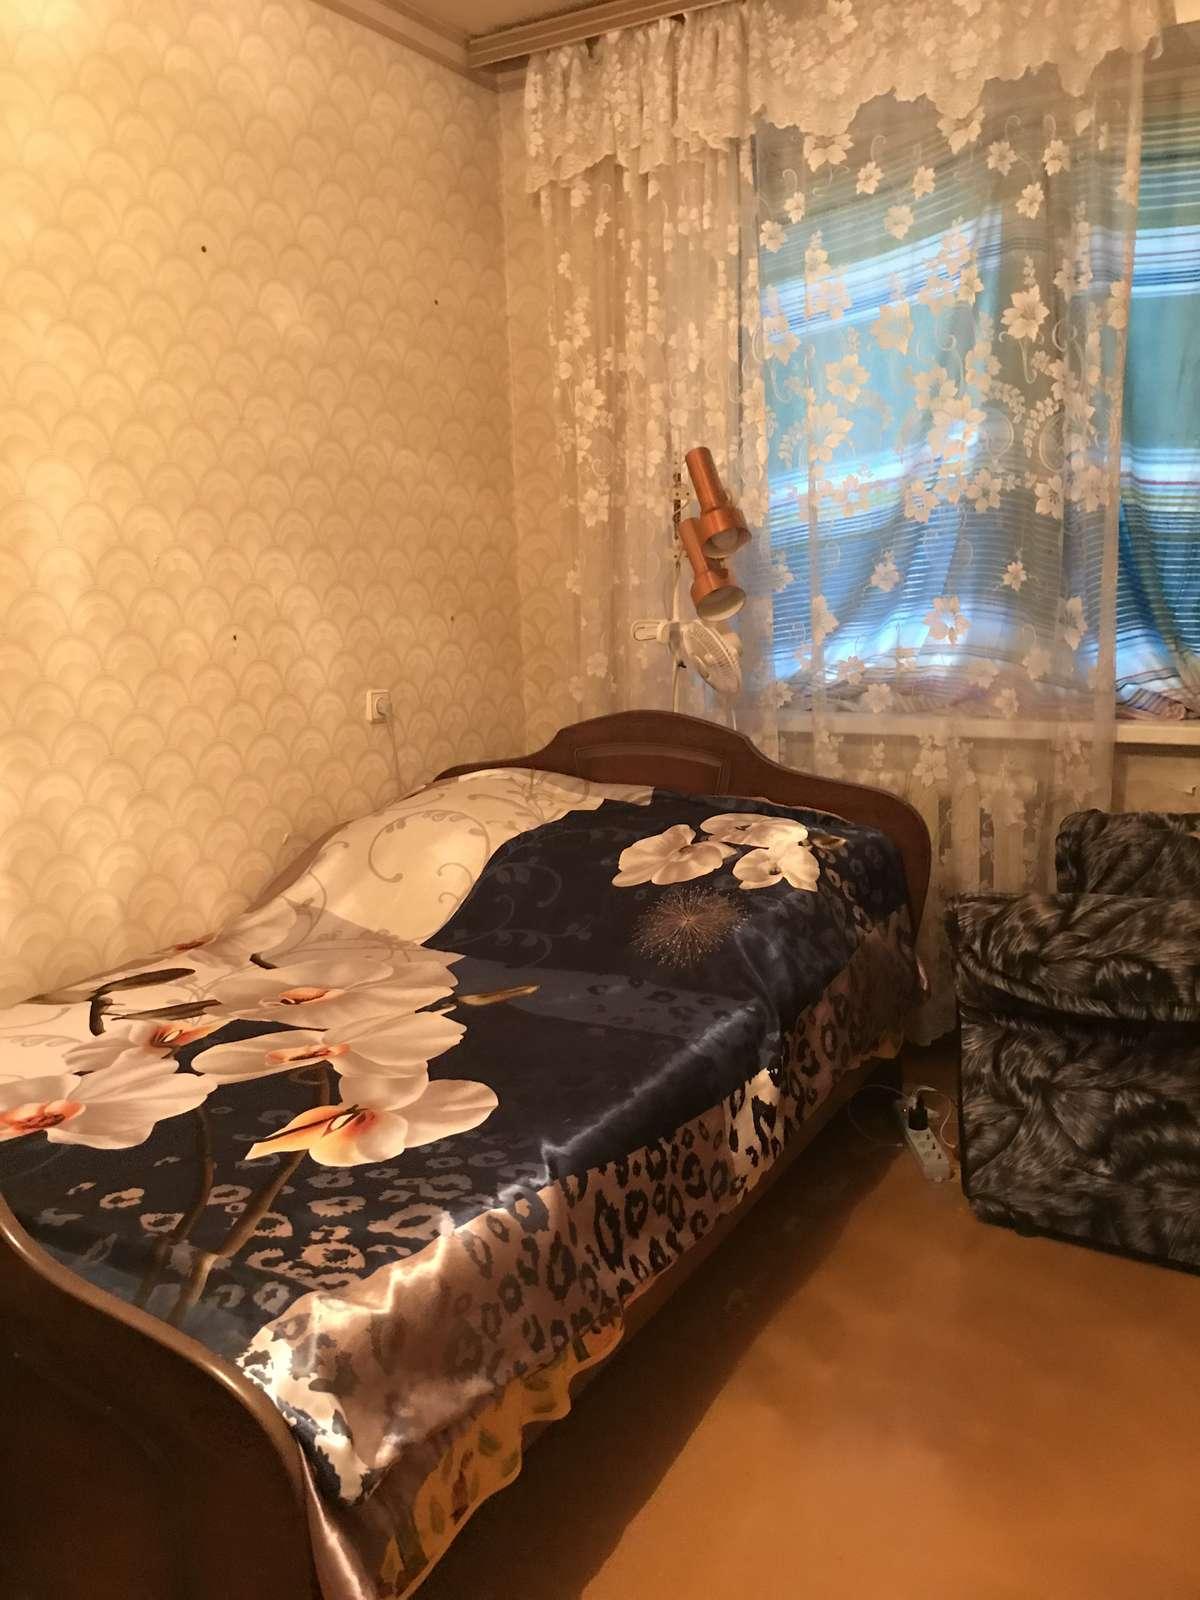 Аренда 2-комнатной квартиры, Самара, Георгия Димитрова улица,  дом 61